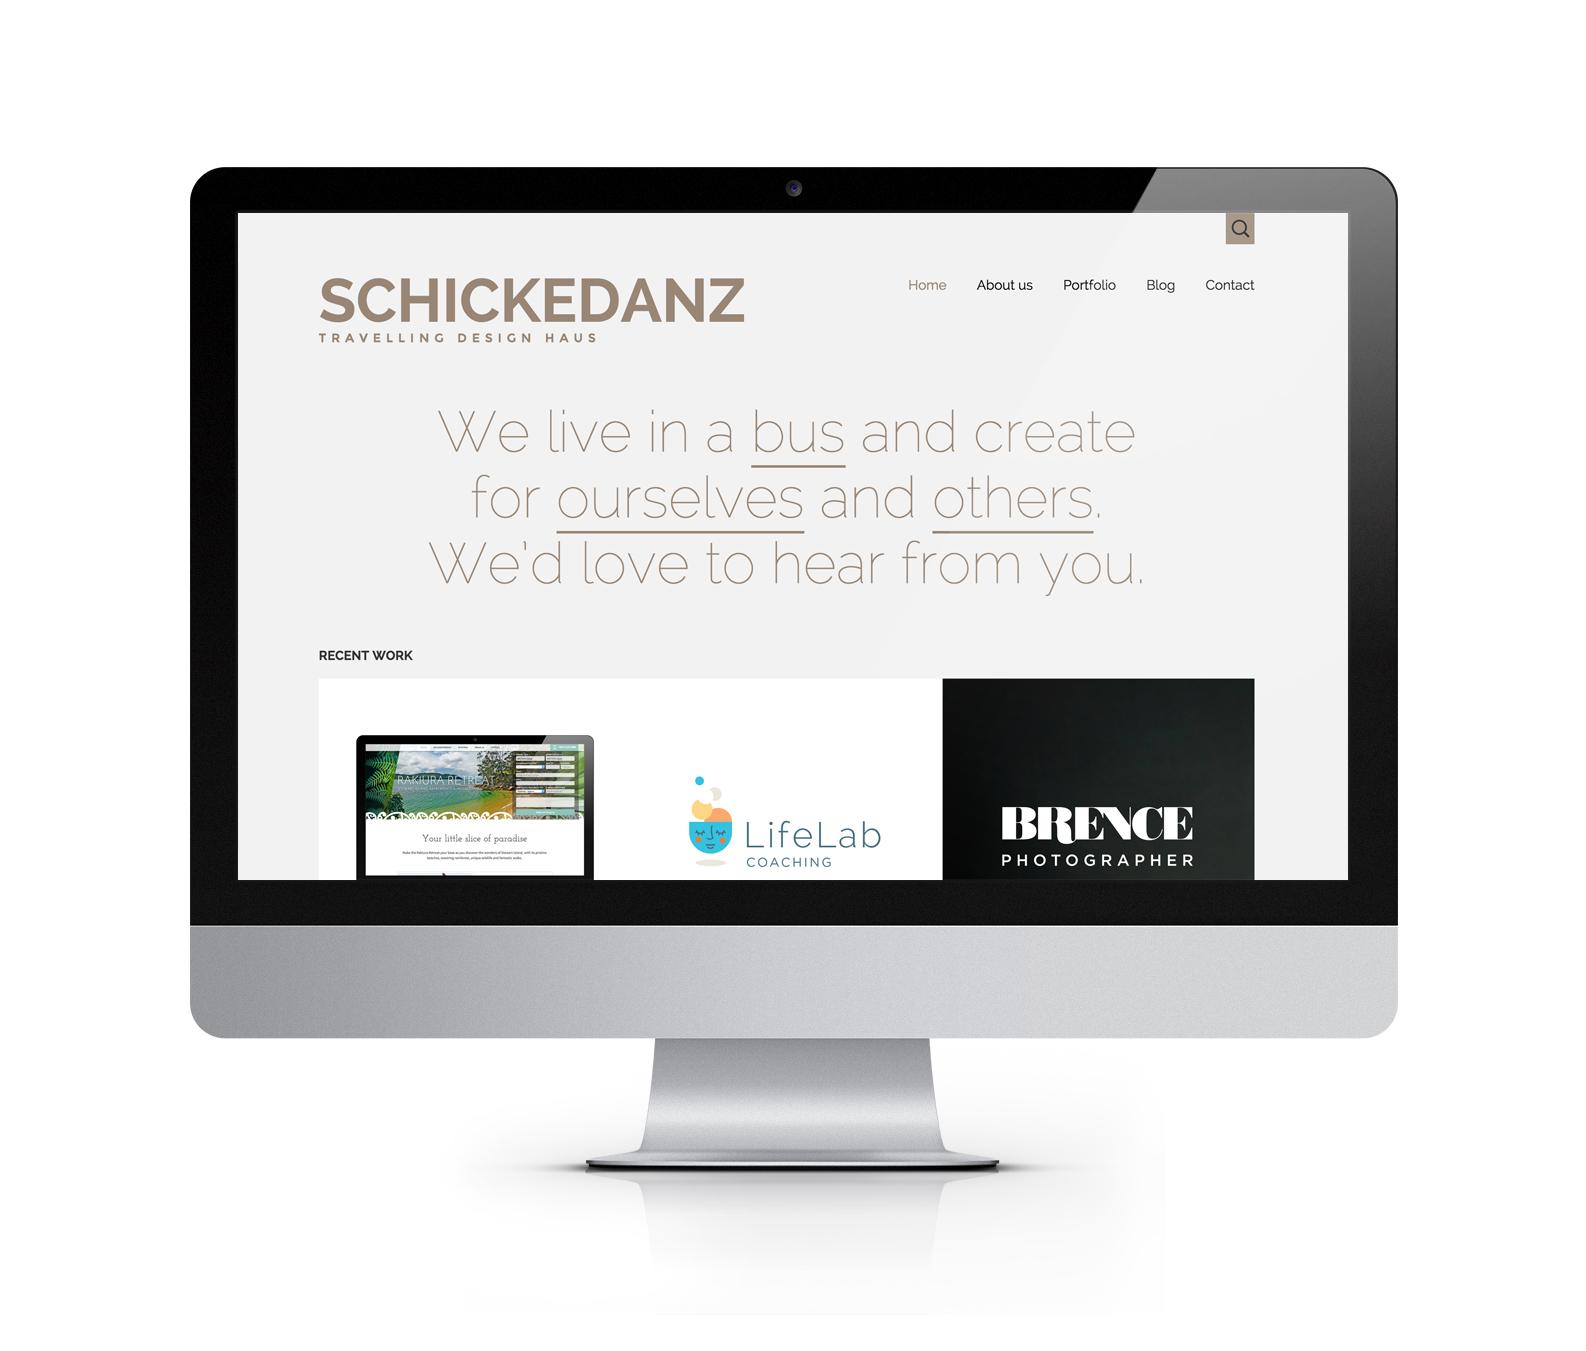 Schickedanz site